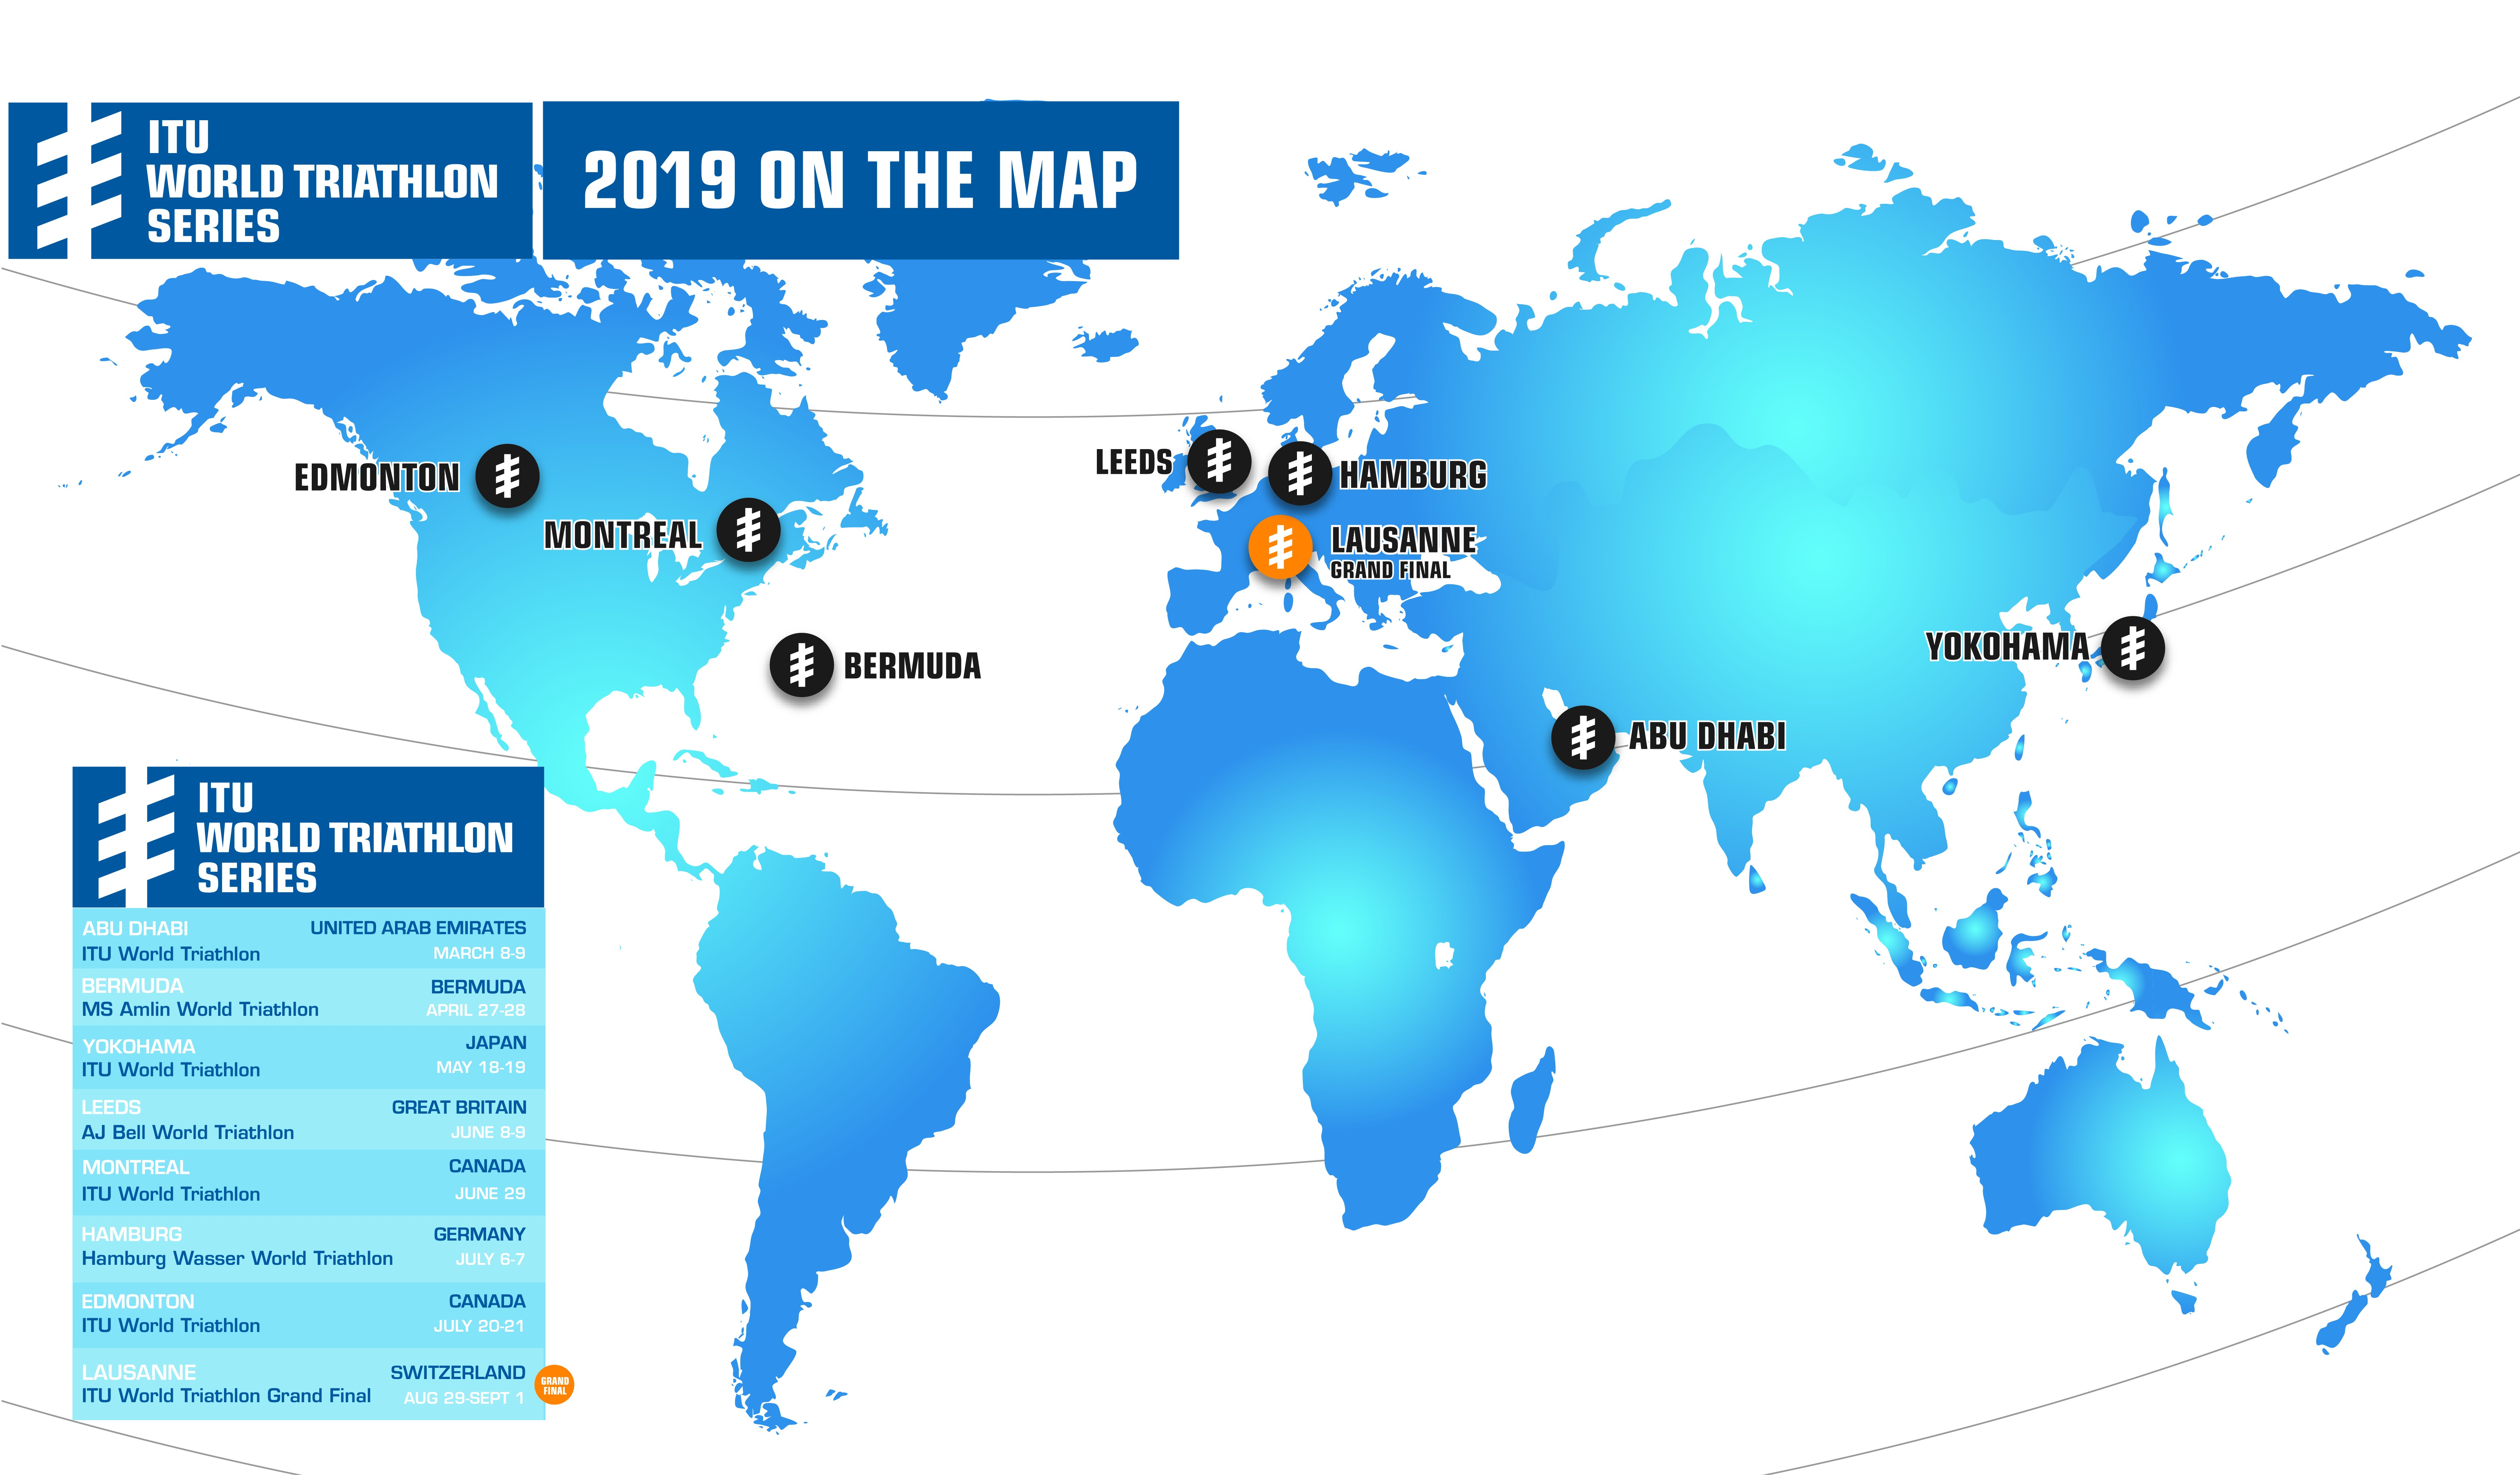 Calendario 2019 Italiano Más Recientemente Liberado Itu Announces the 2019 World Triathlon Series Calendar Of Calendario 2019 Italiano Más Recientes Calendario 2018